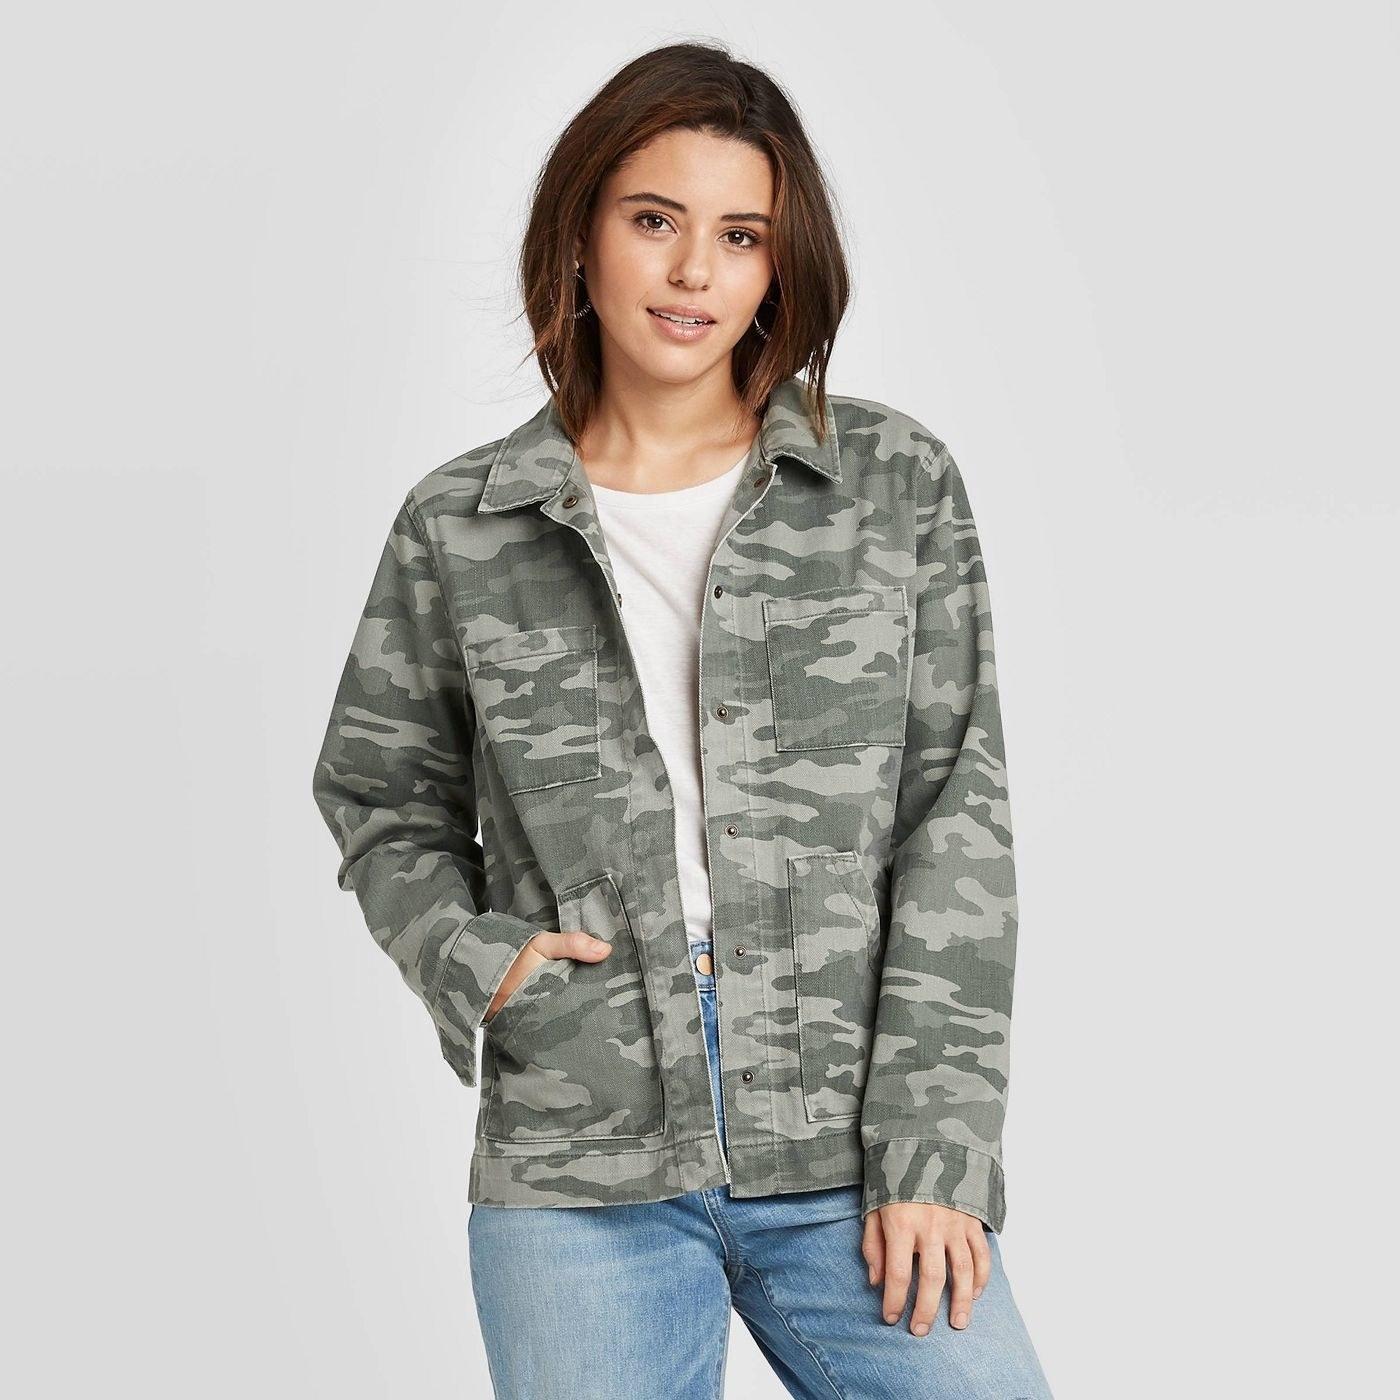 Model wearing the green jacket